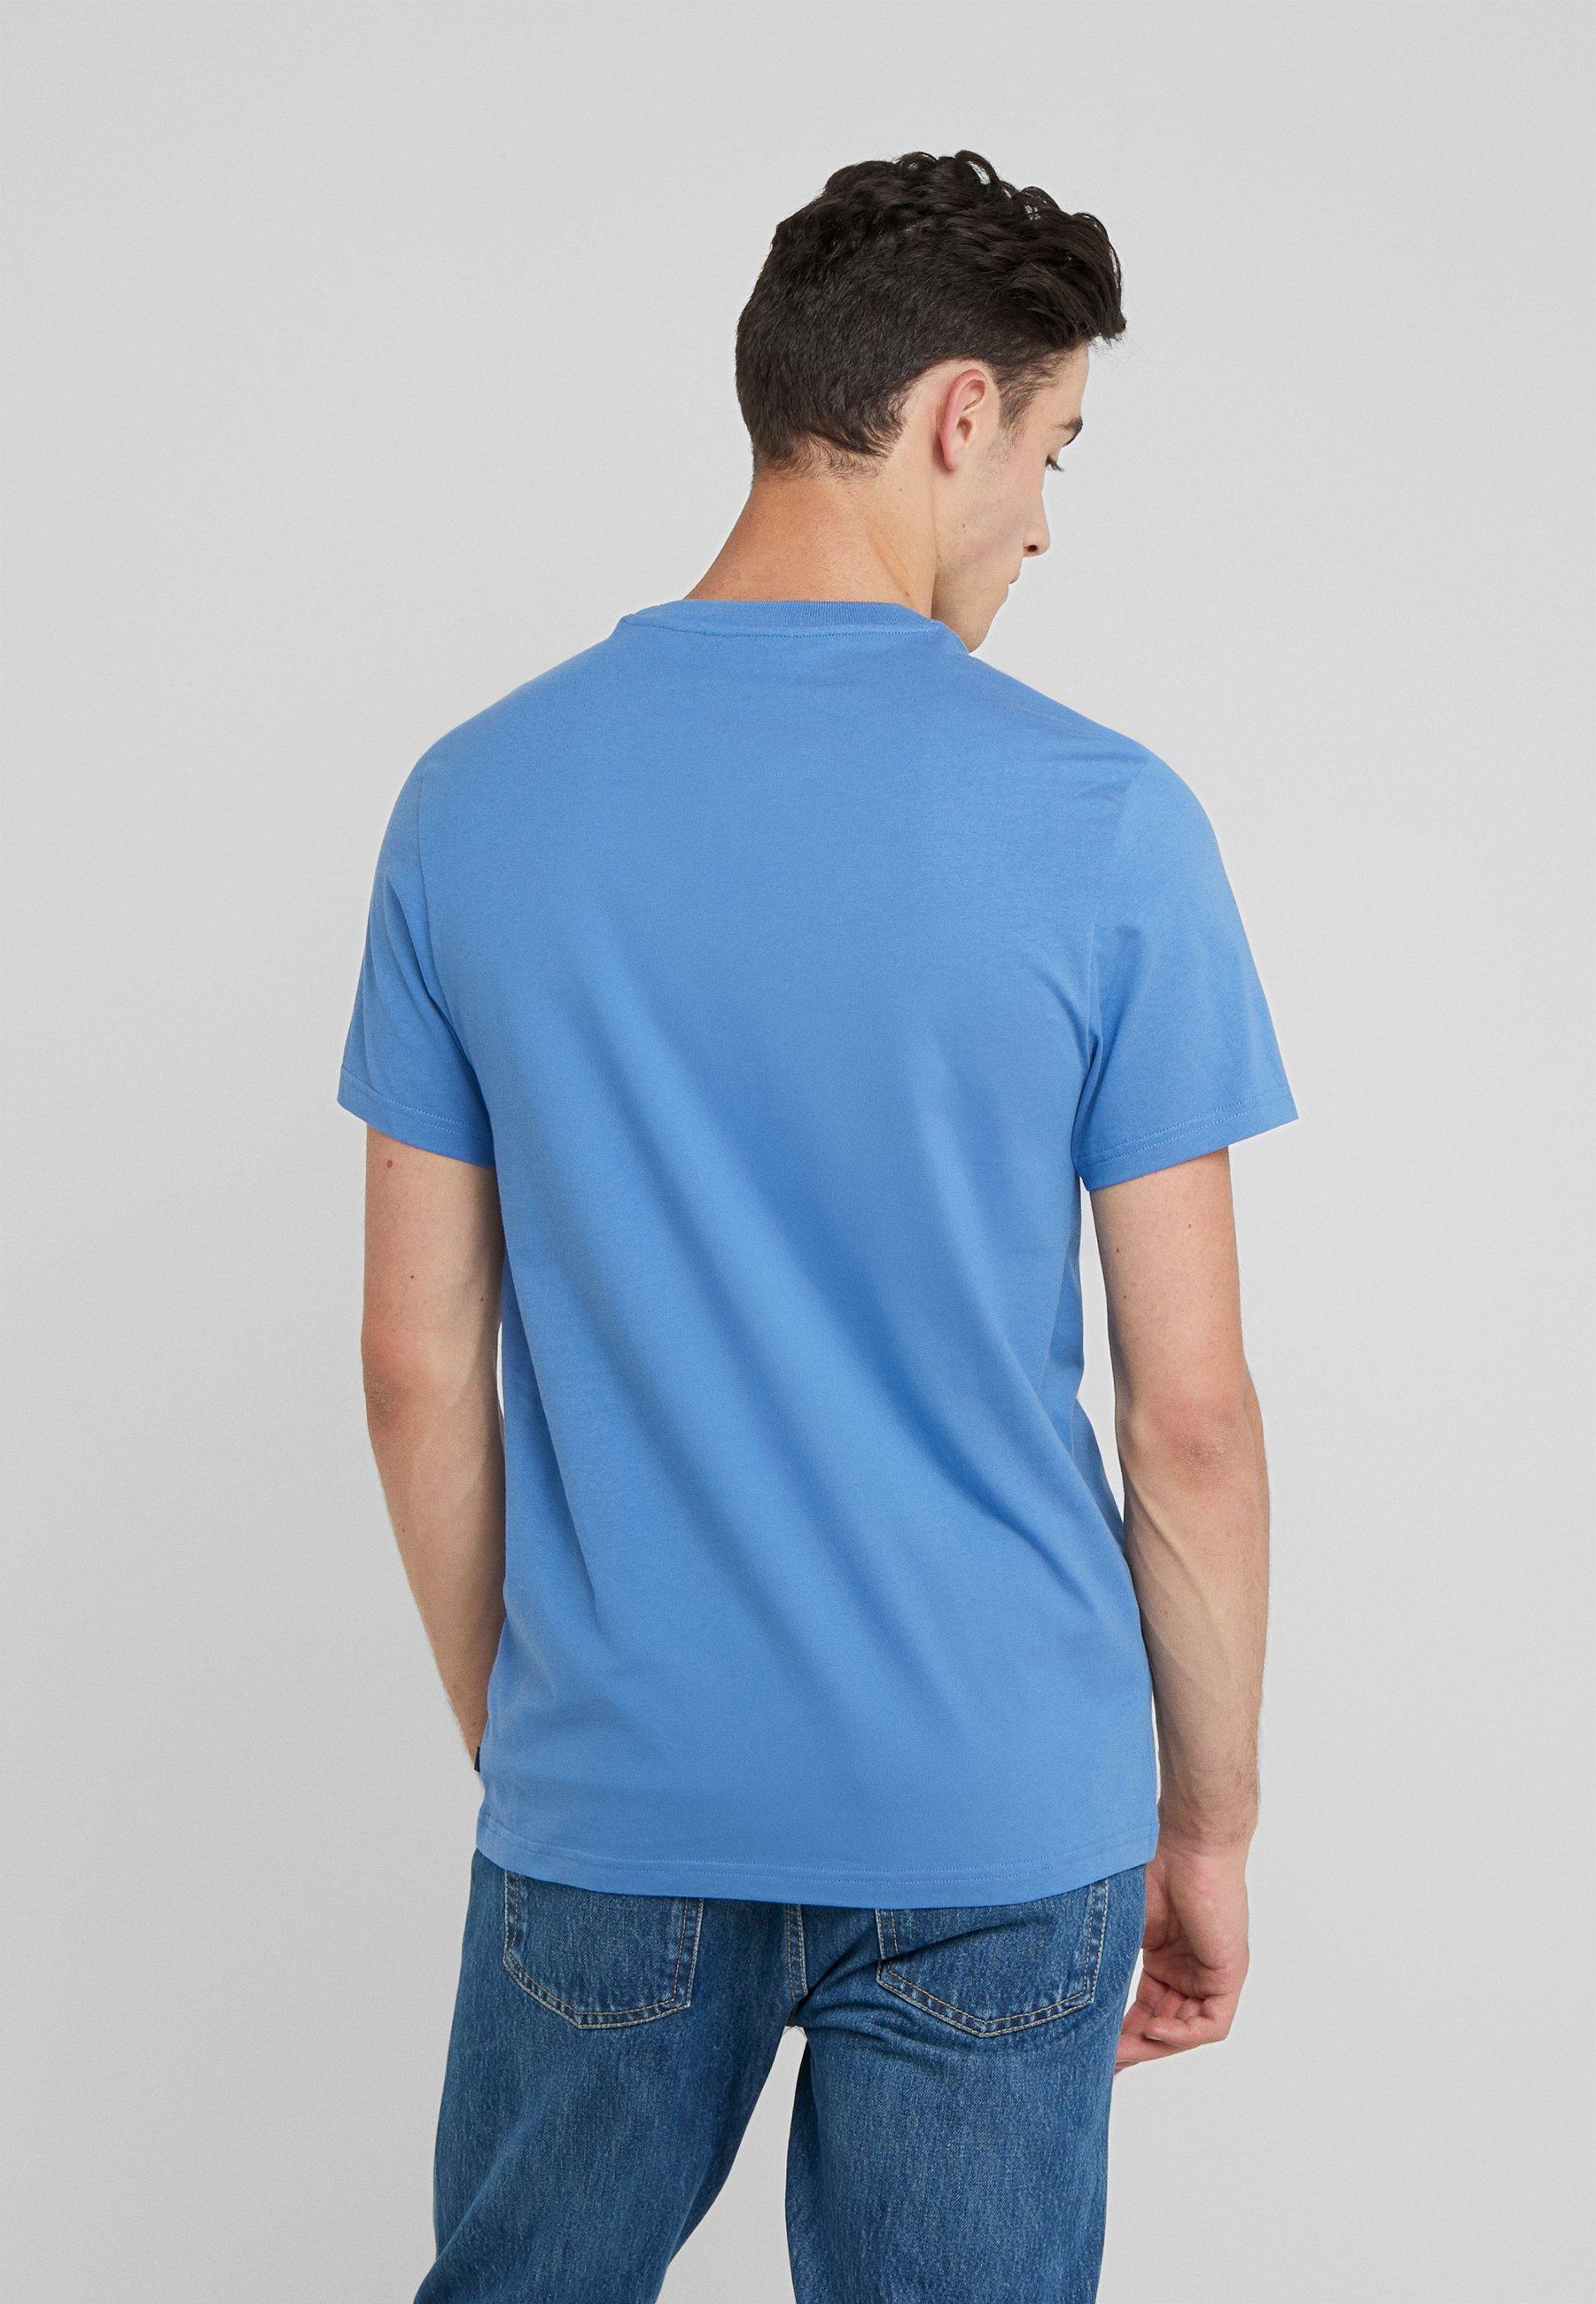 Navy Basique shirt SiloT J lindeberg bfYgy76